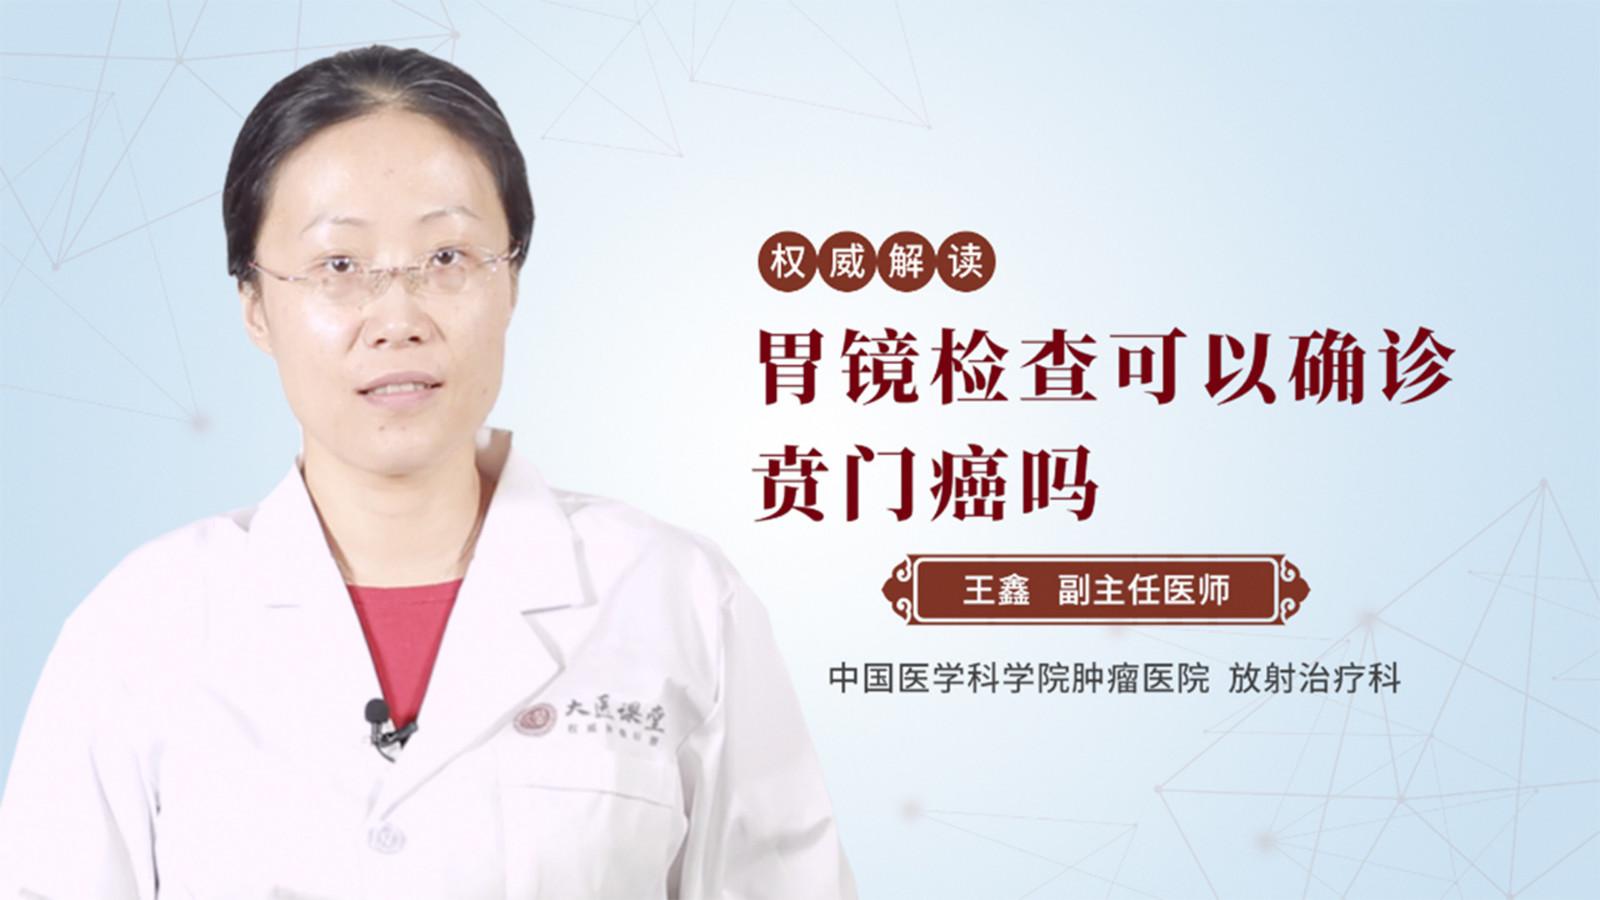 胃镜检查可以确诊贲门癌吗